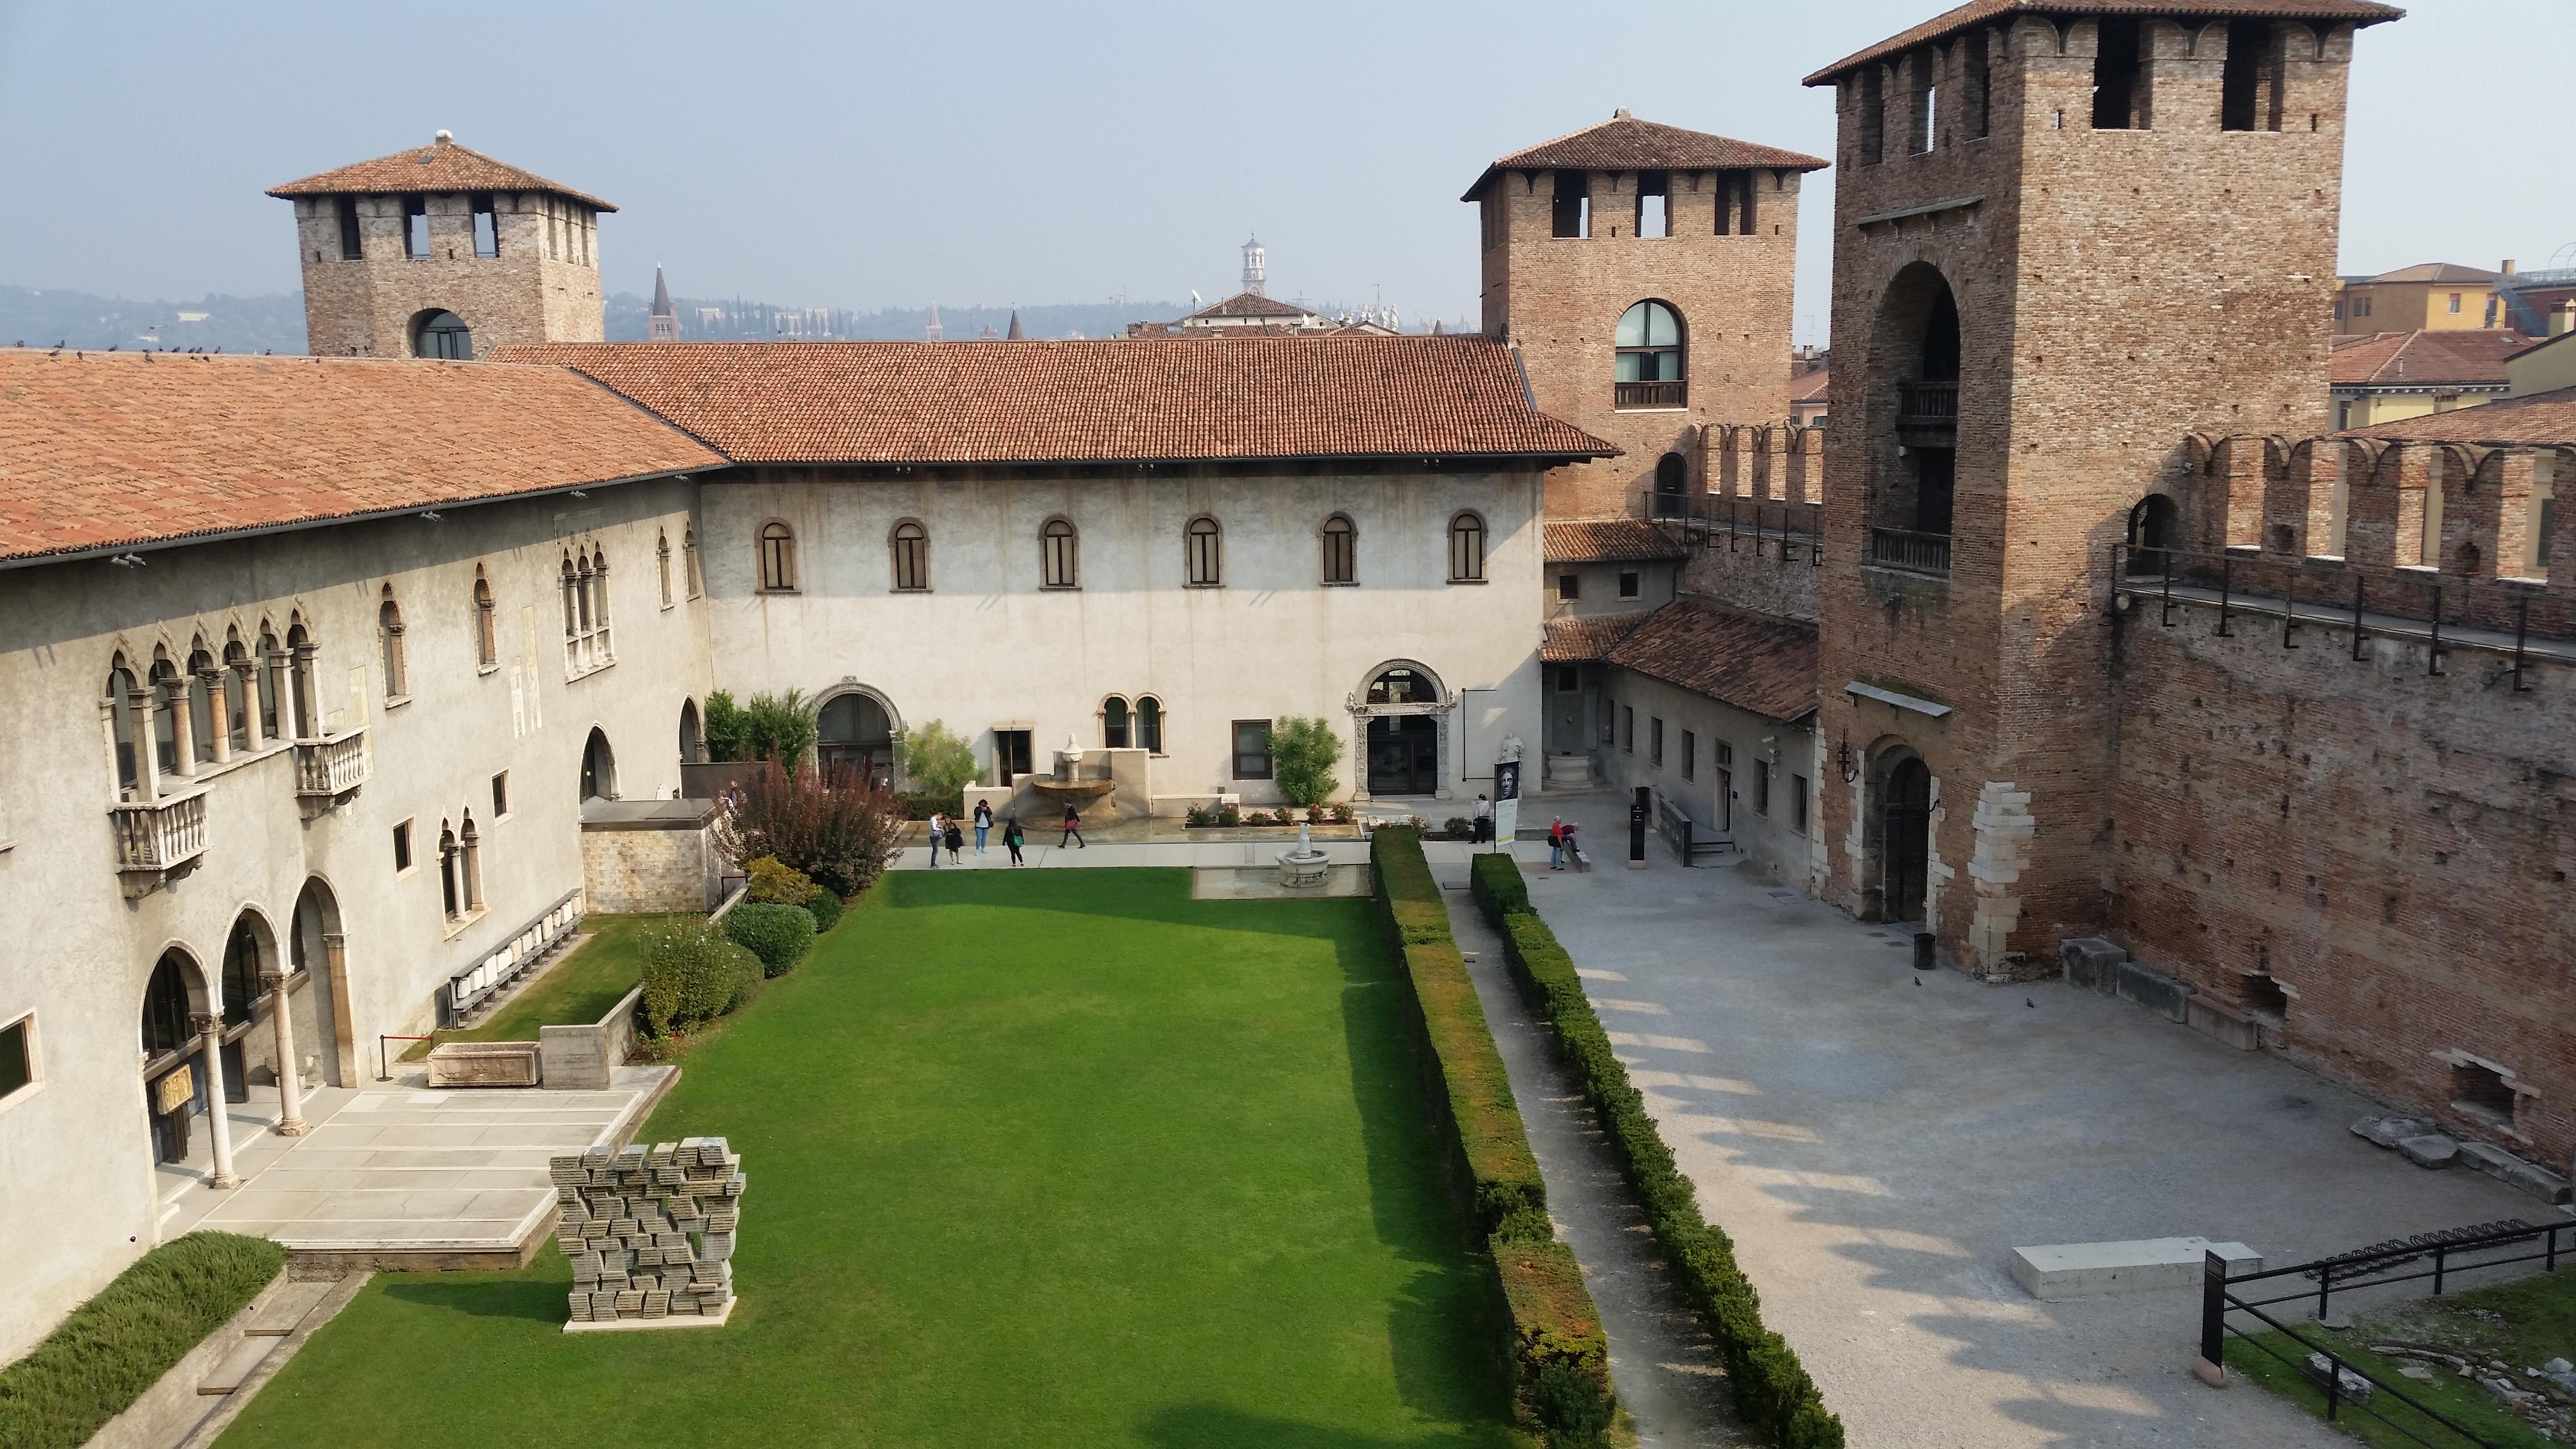 Museo Di Castelvecchio.File Museo Di Castelvecchio Verona 2 Jpg Wikimedia Commons